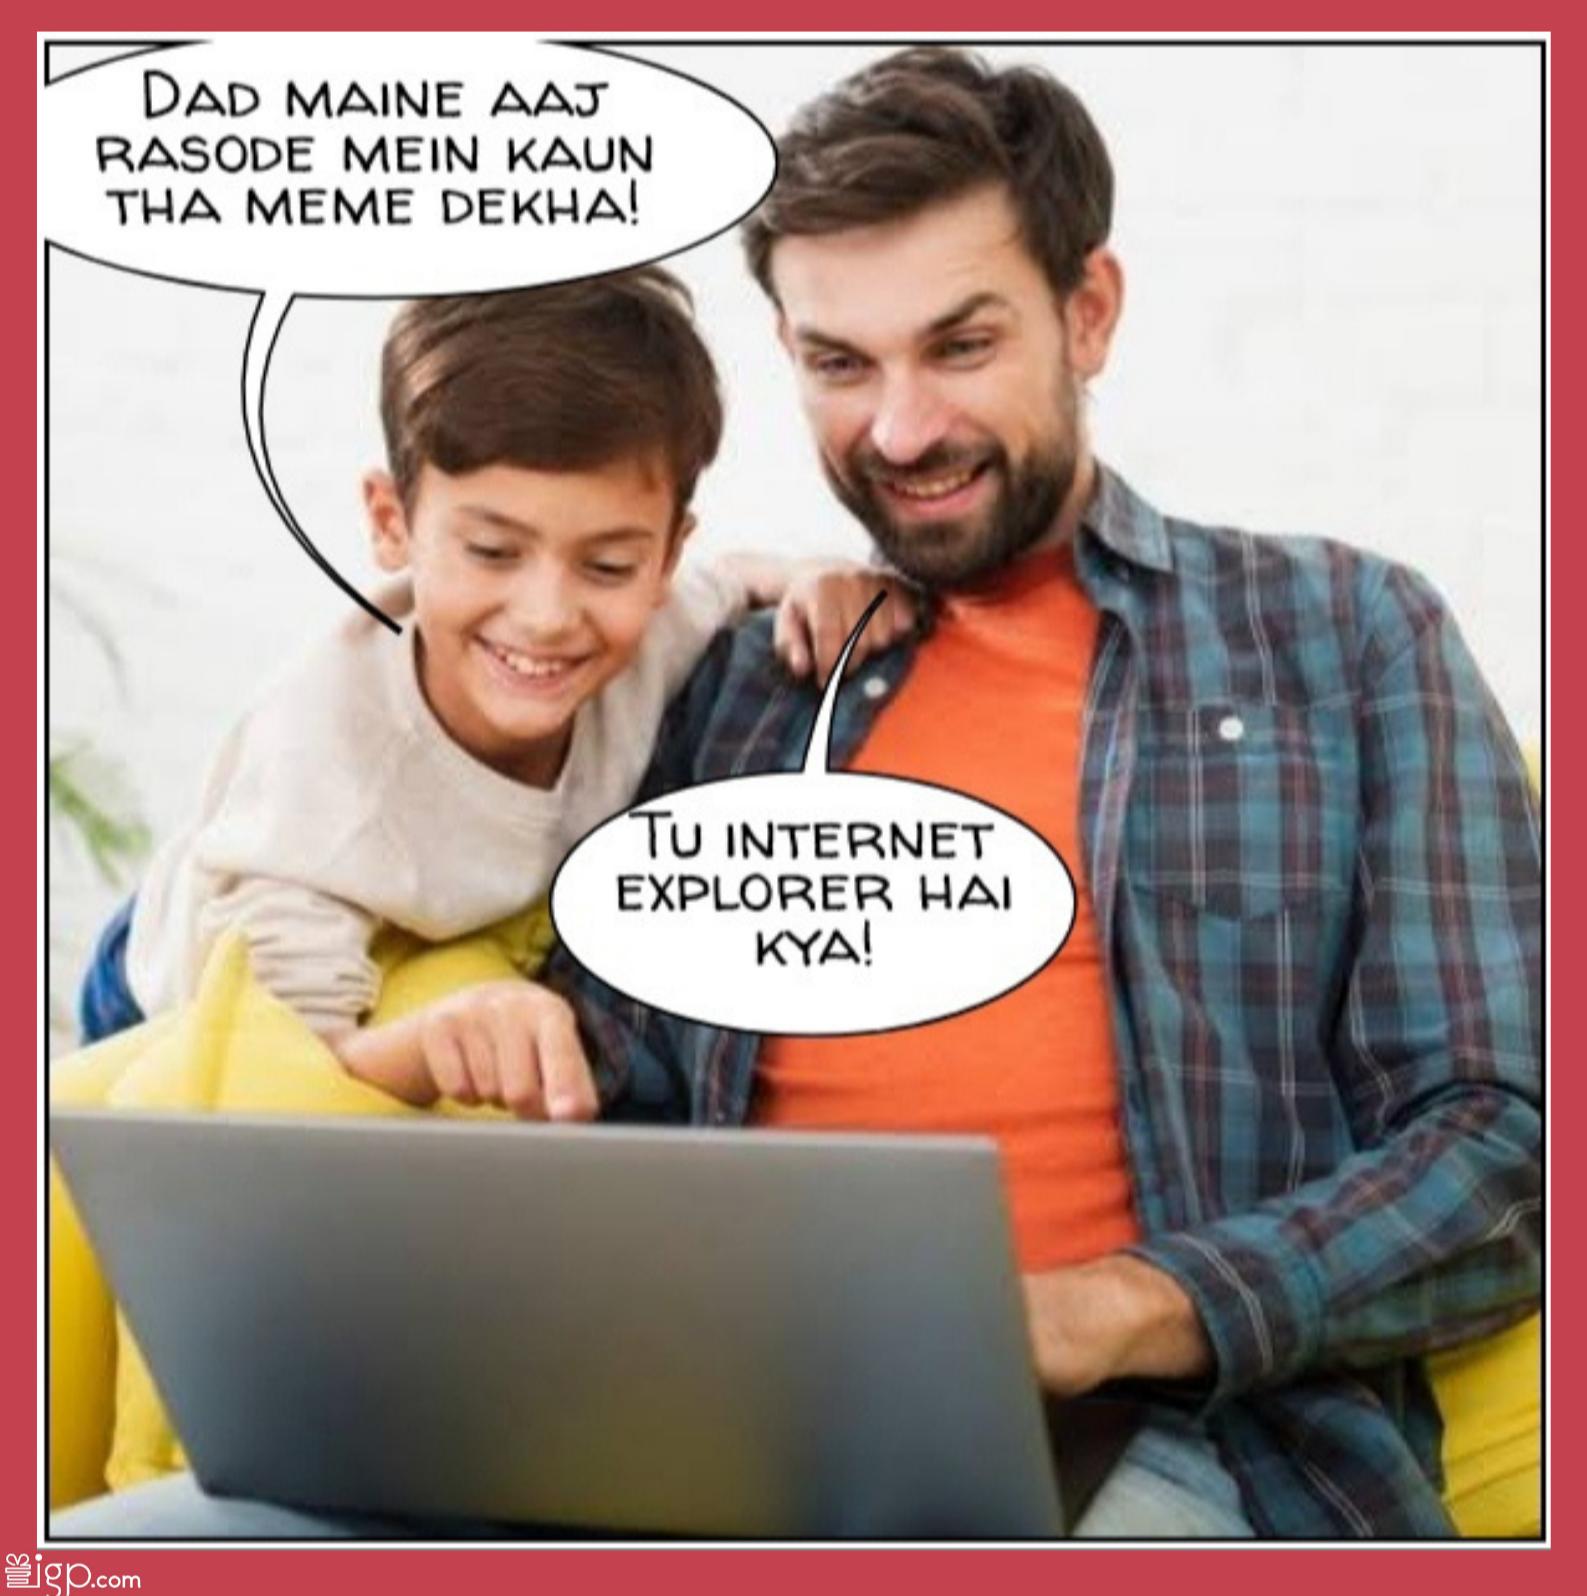 Dad sharing memes